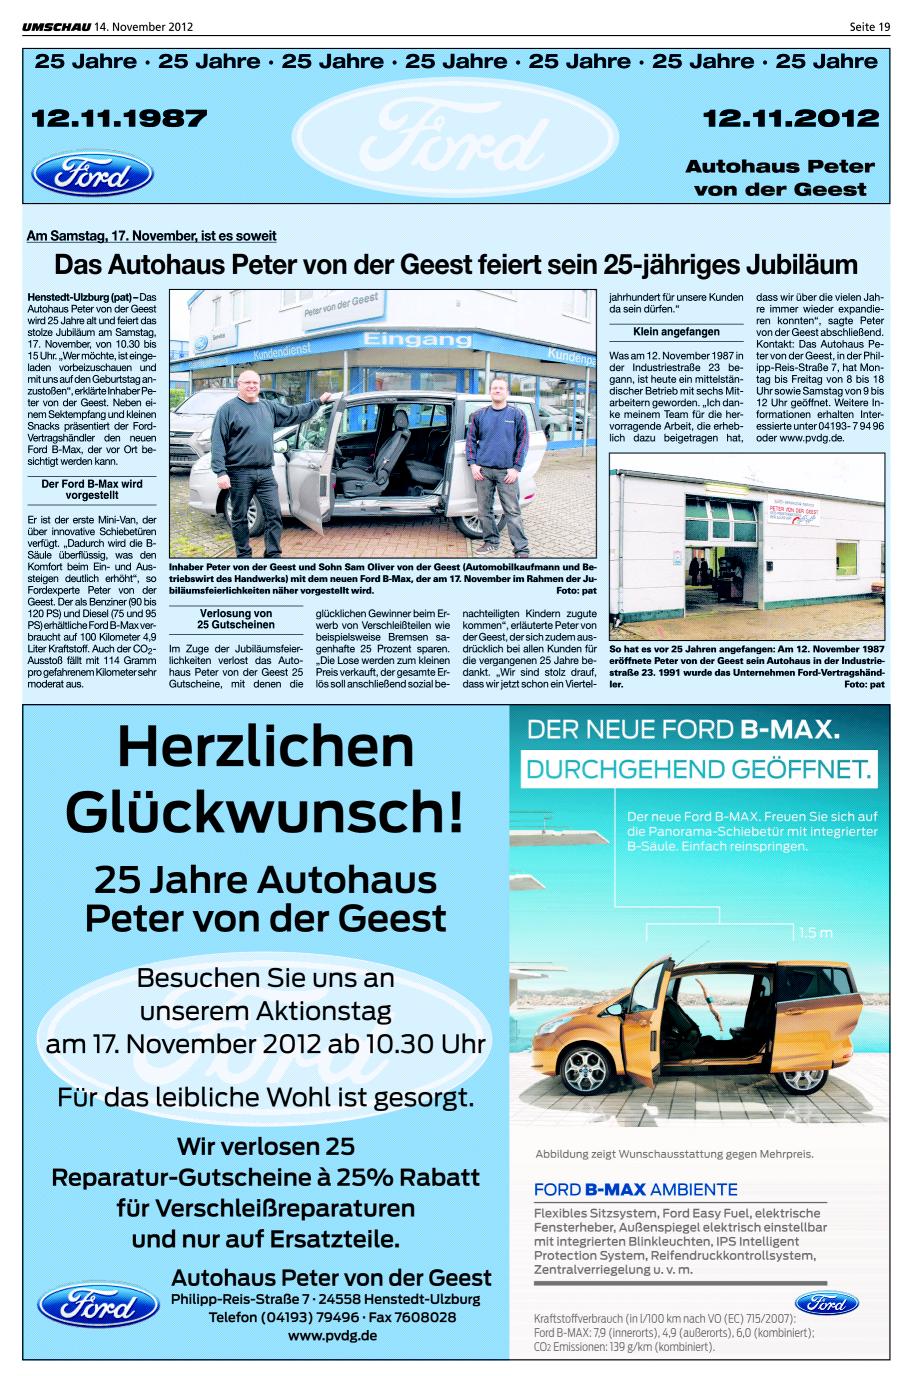 25 Jahre Autohaus Peter von der Geest